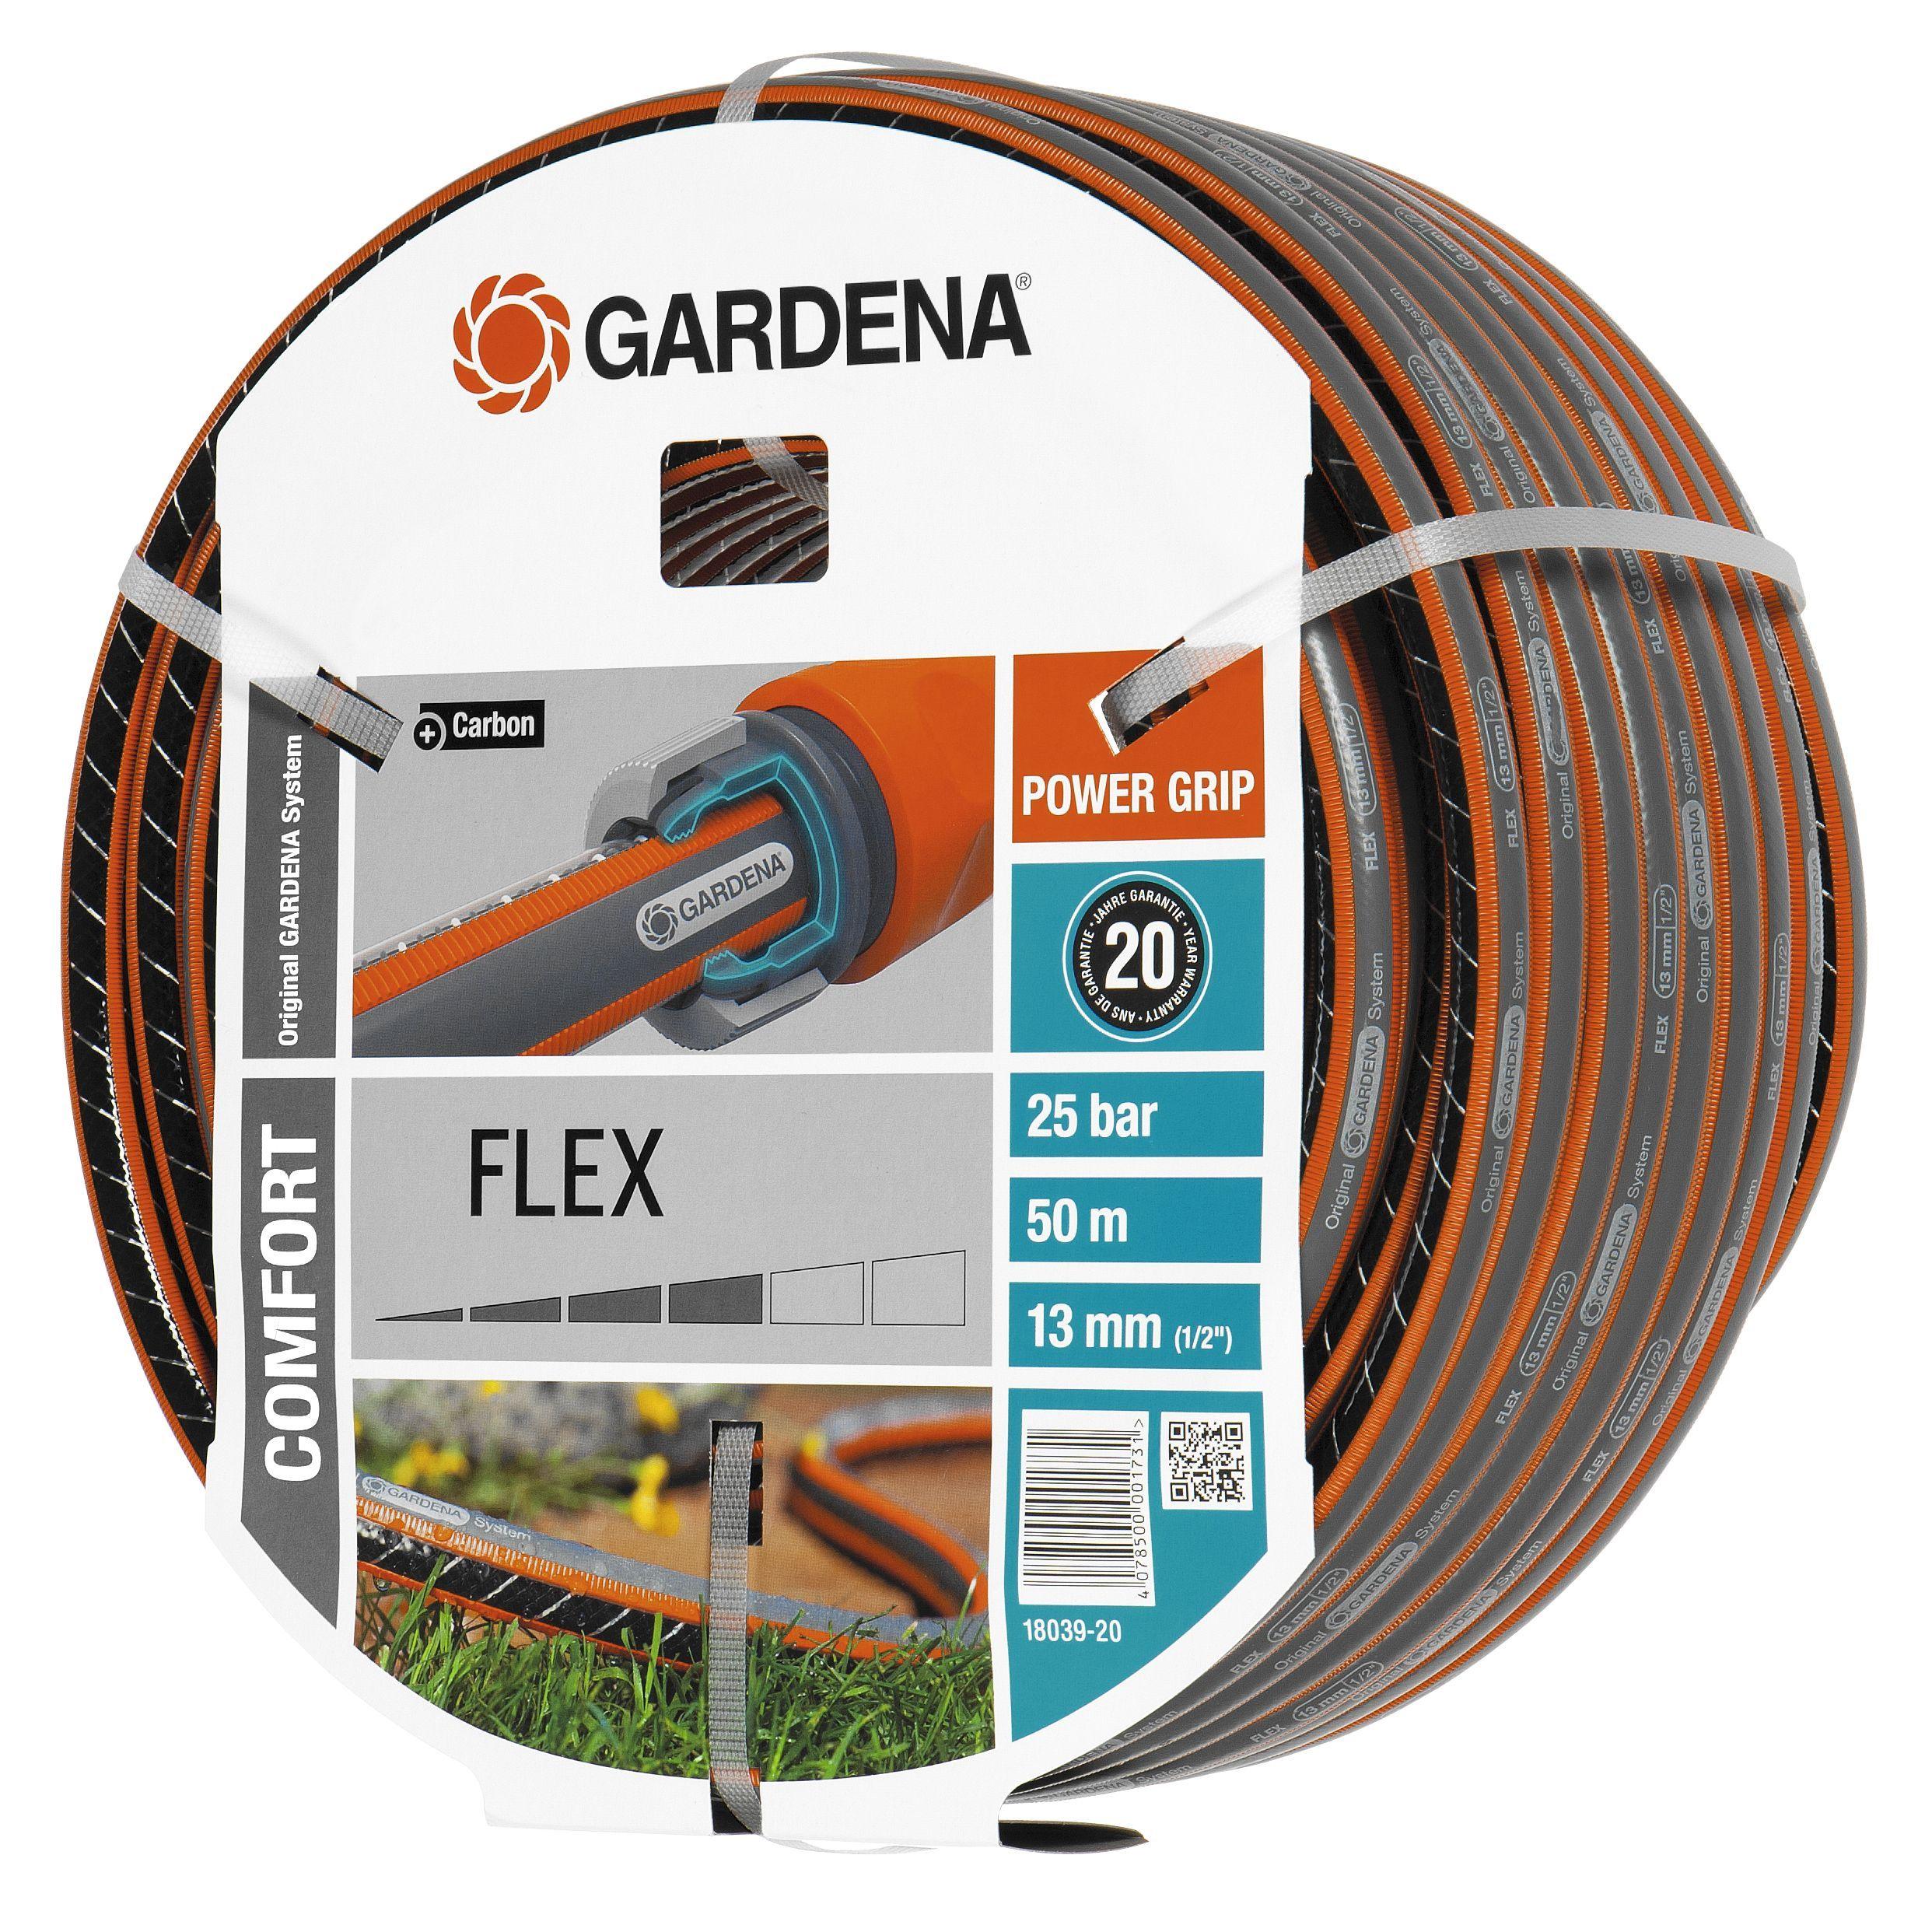 tuinslang kopen gardena tuinslangen flex 50 meter online. Black Bedroom Furniture Sets. Home Design Ideas